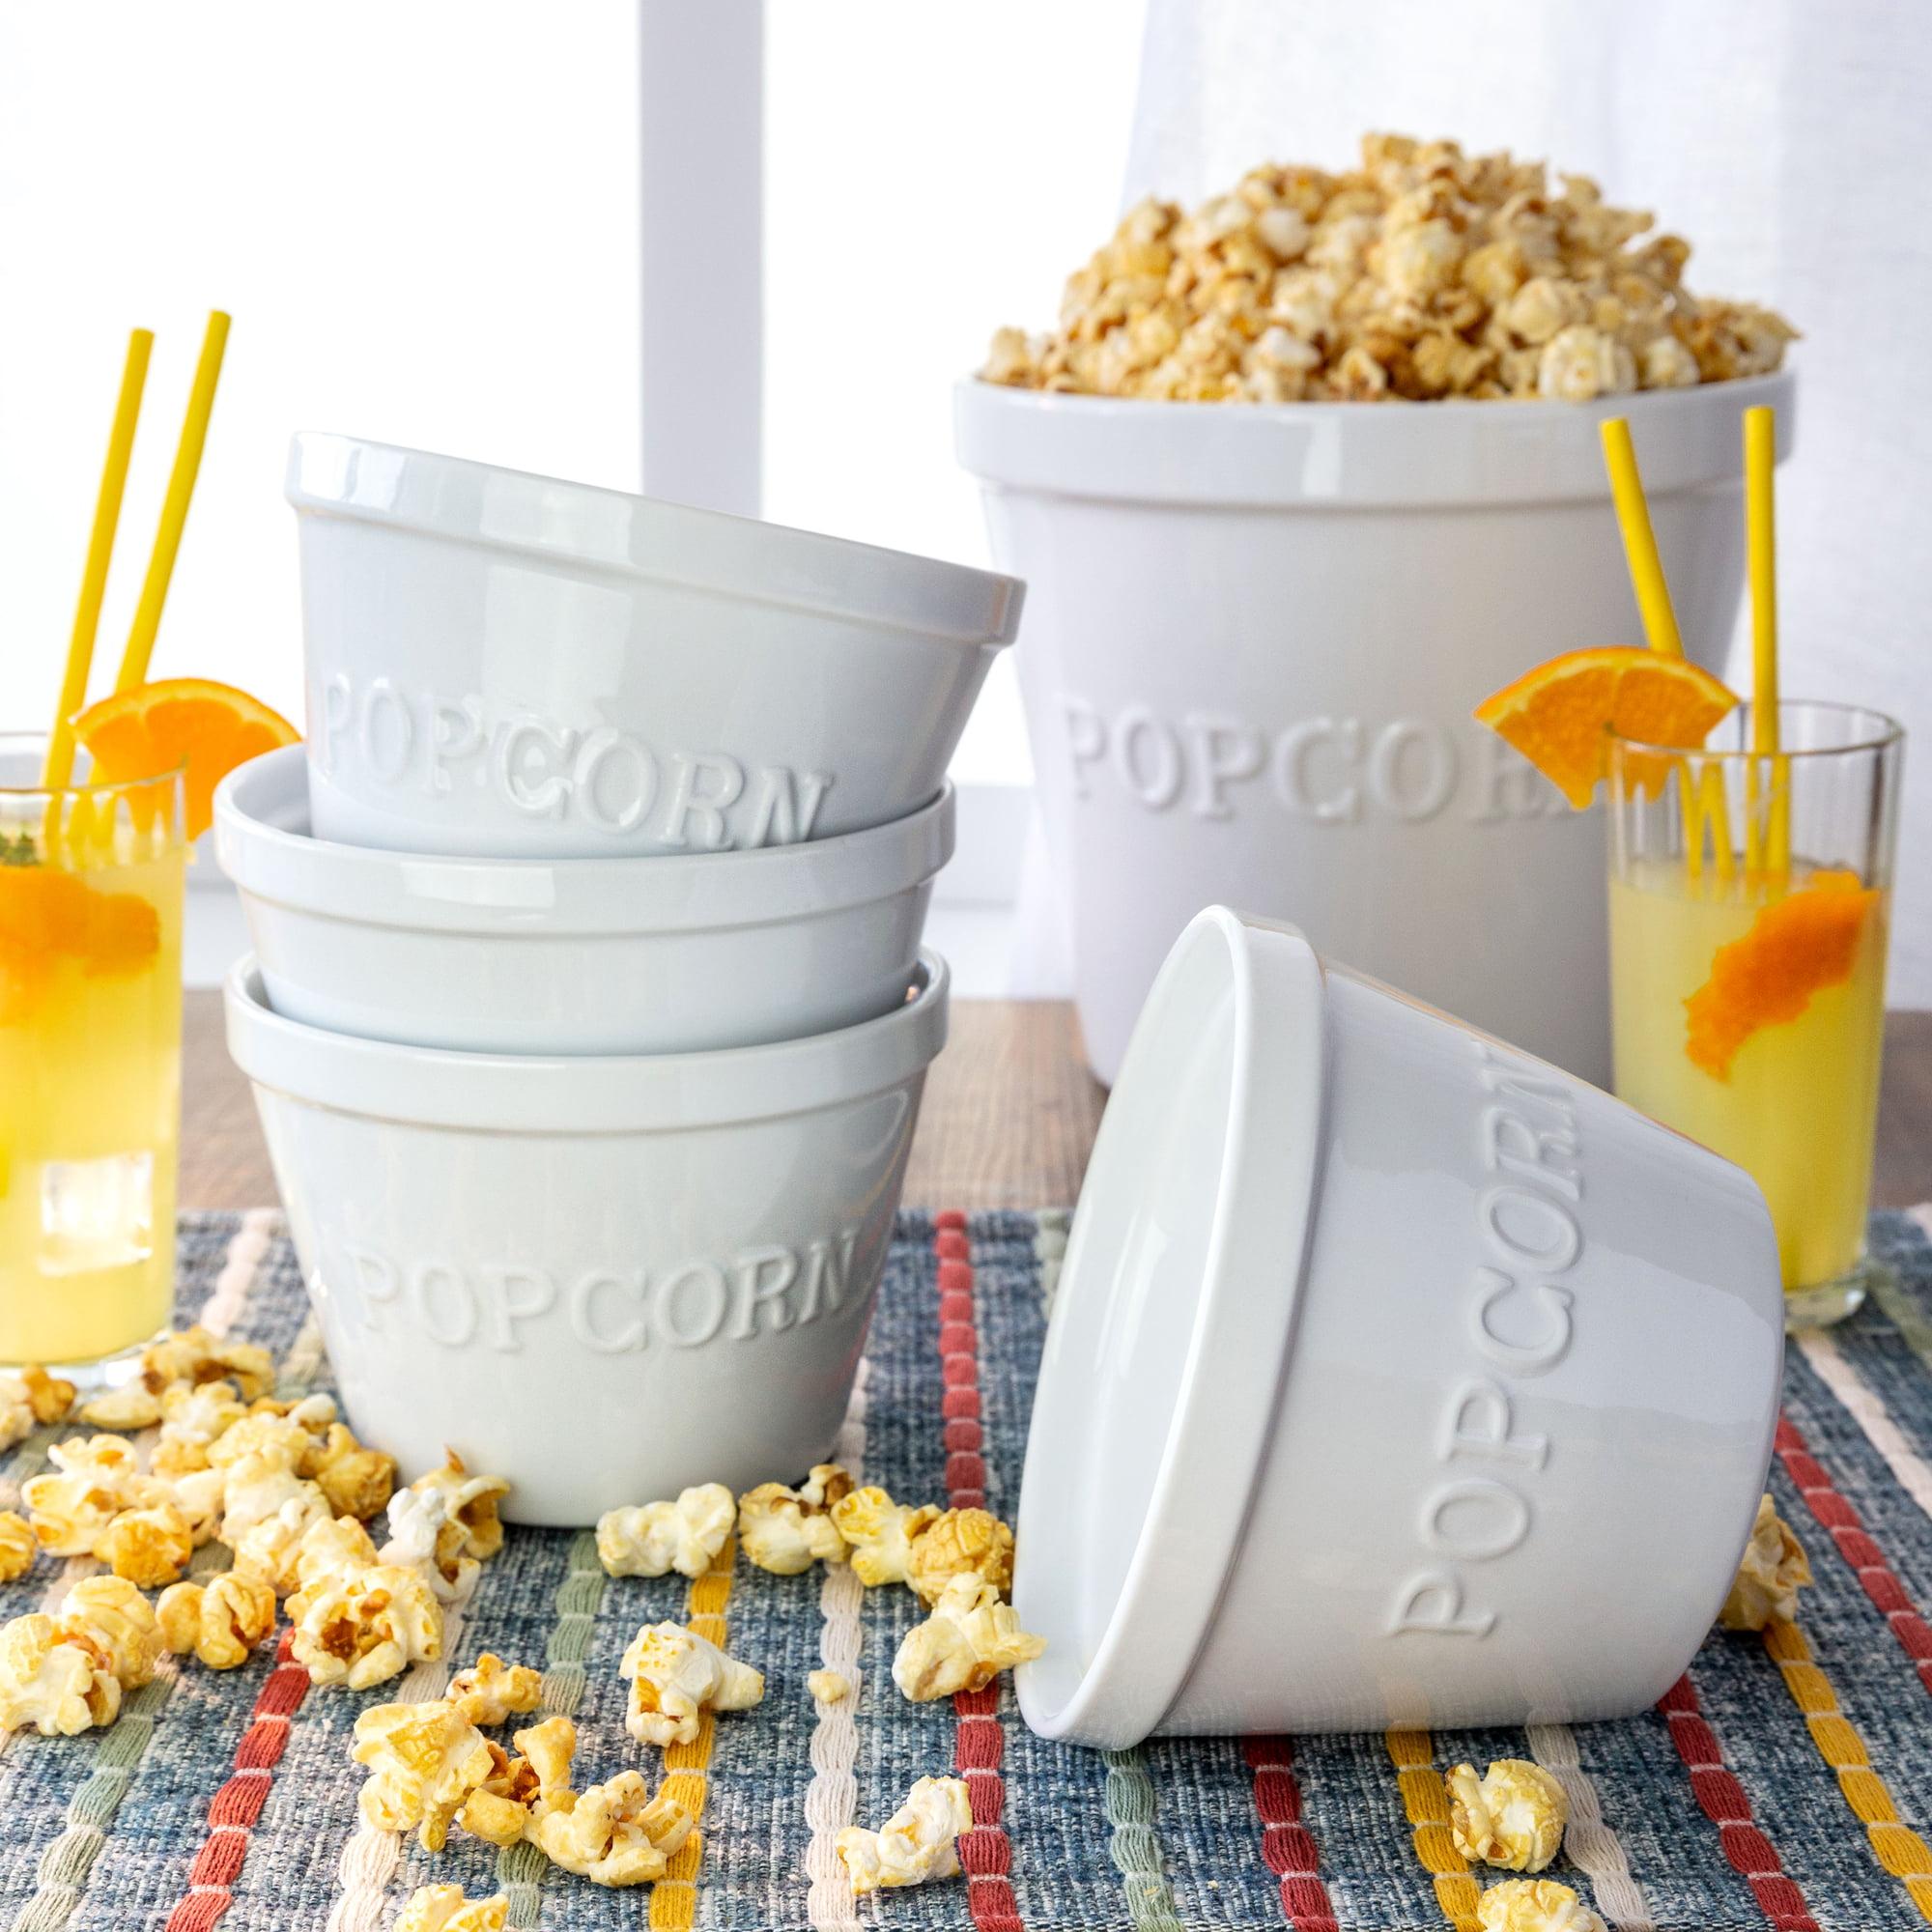 Better Homes & Gardens Large Popcorn Serve Bowl - Walmart.com ...